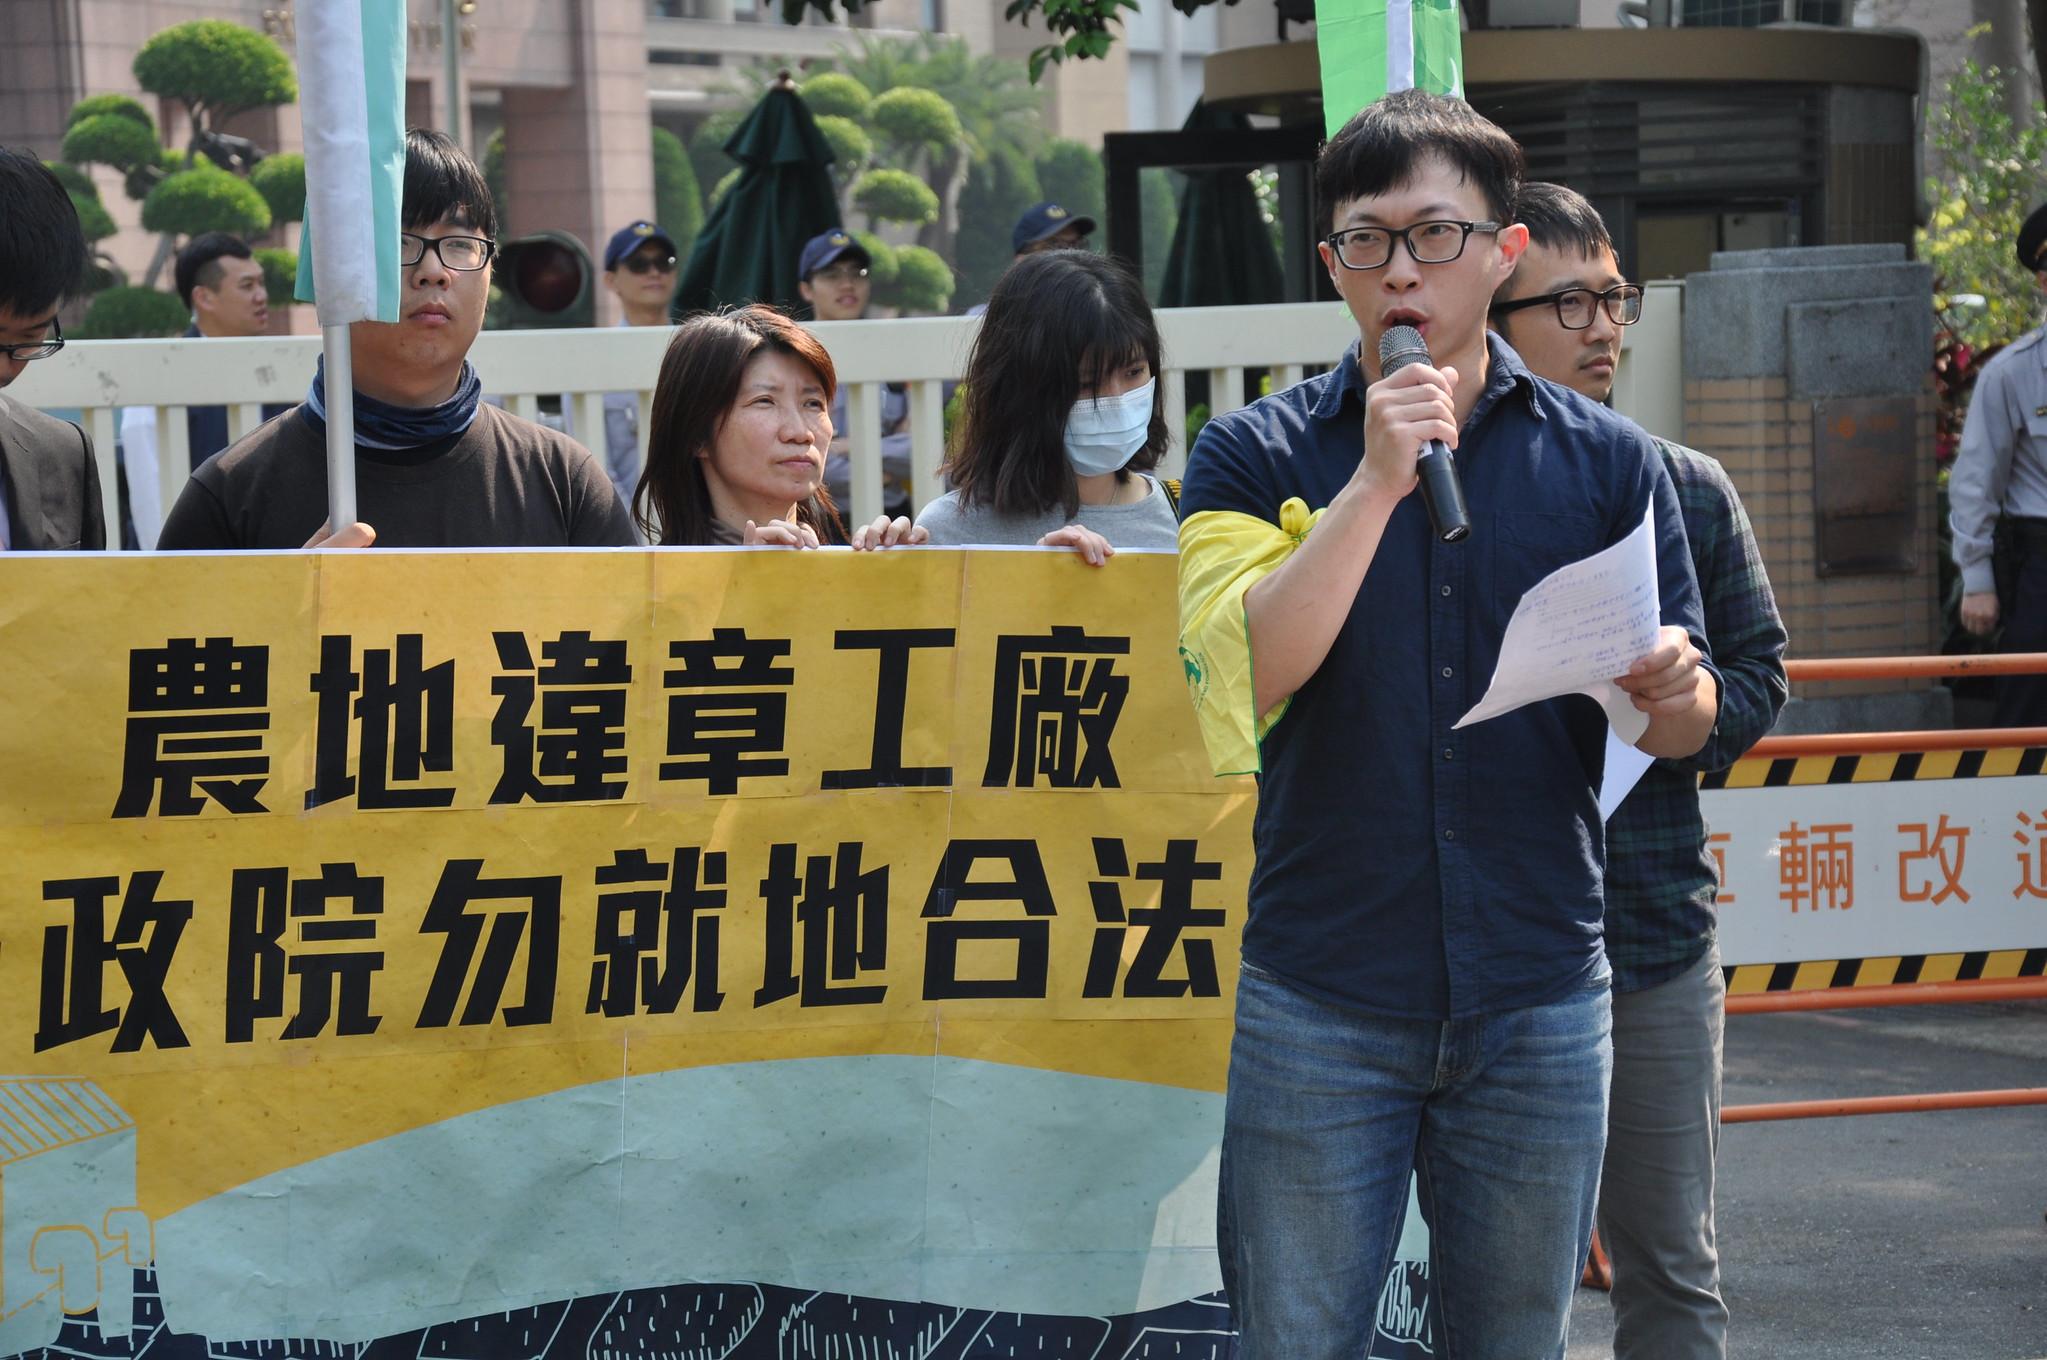 主婦聯盟環保基金會倡議專員魏揚指出,新法將讓農地工廠無限期展延。孫文臨攝